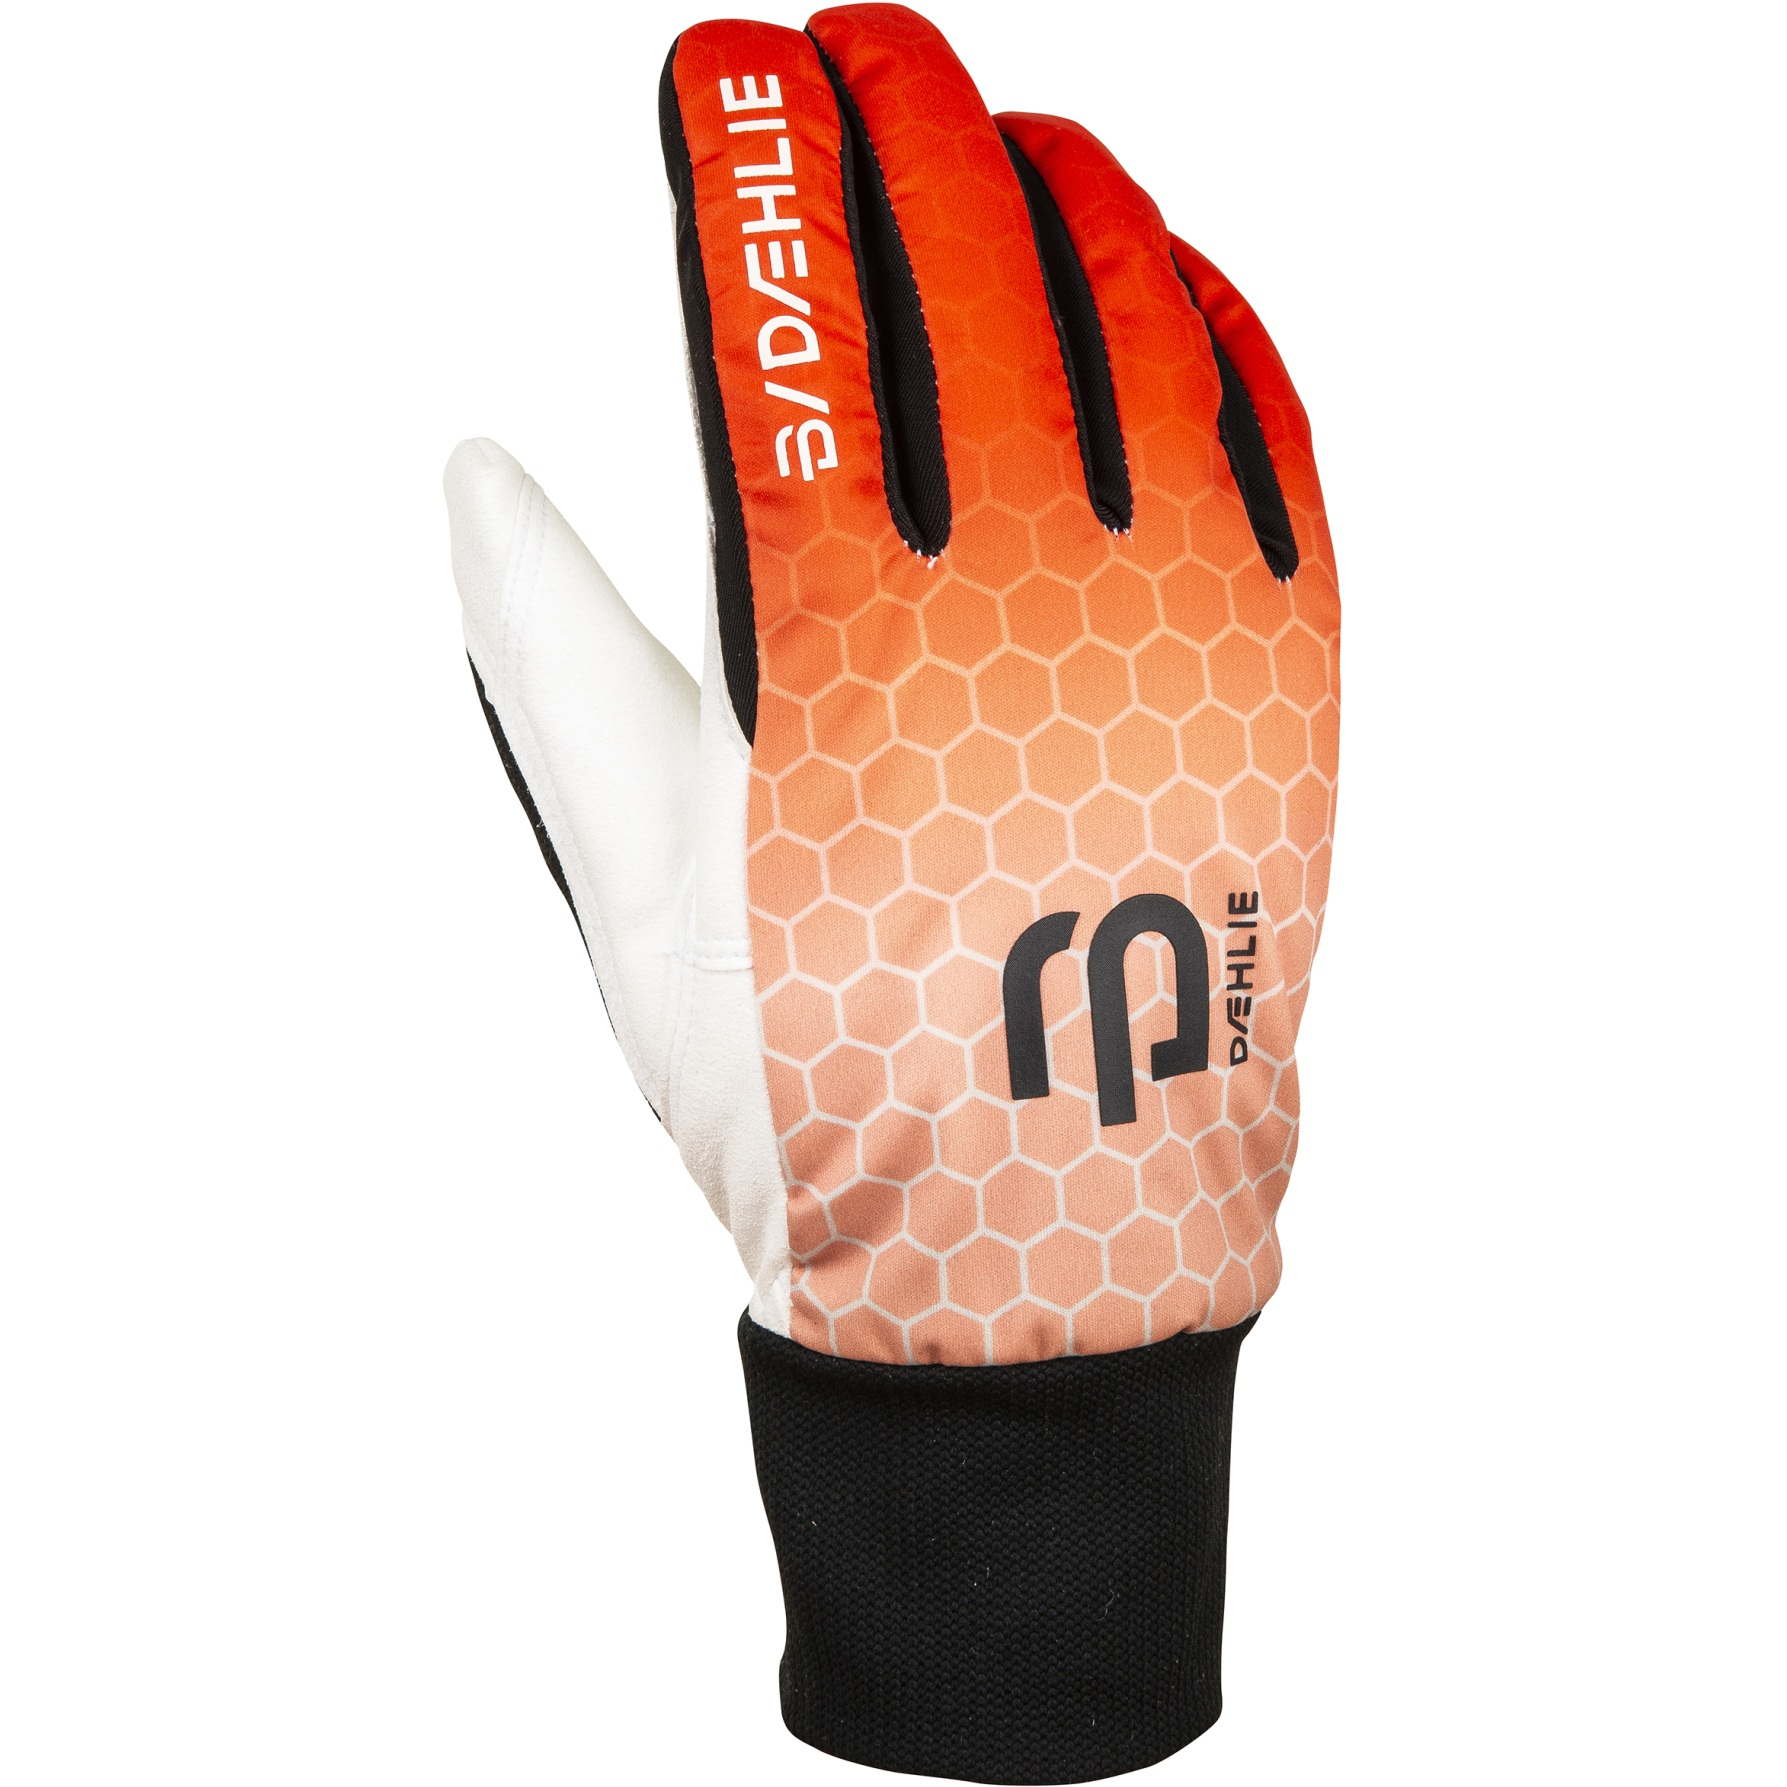 Picture of Daehlie Race Warm Women's Gloves - Shocking Orange